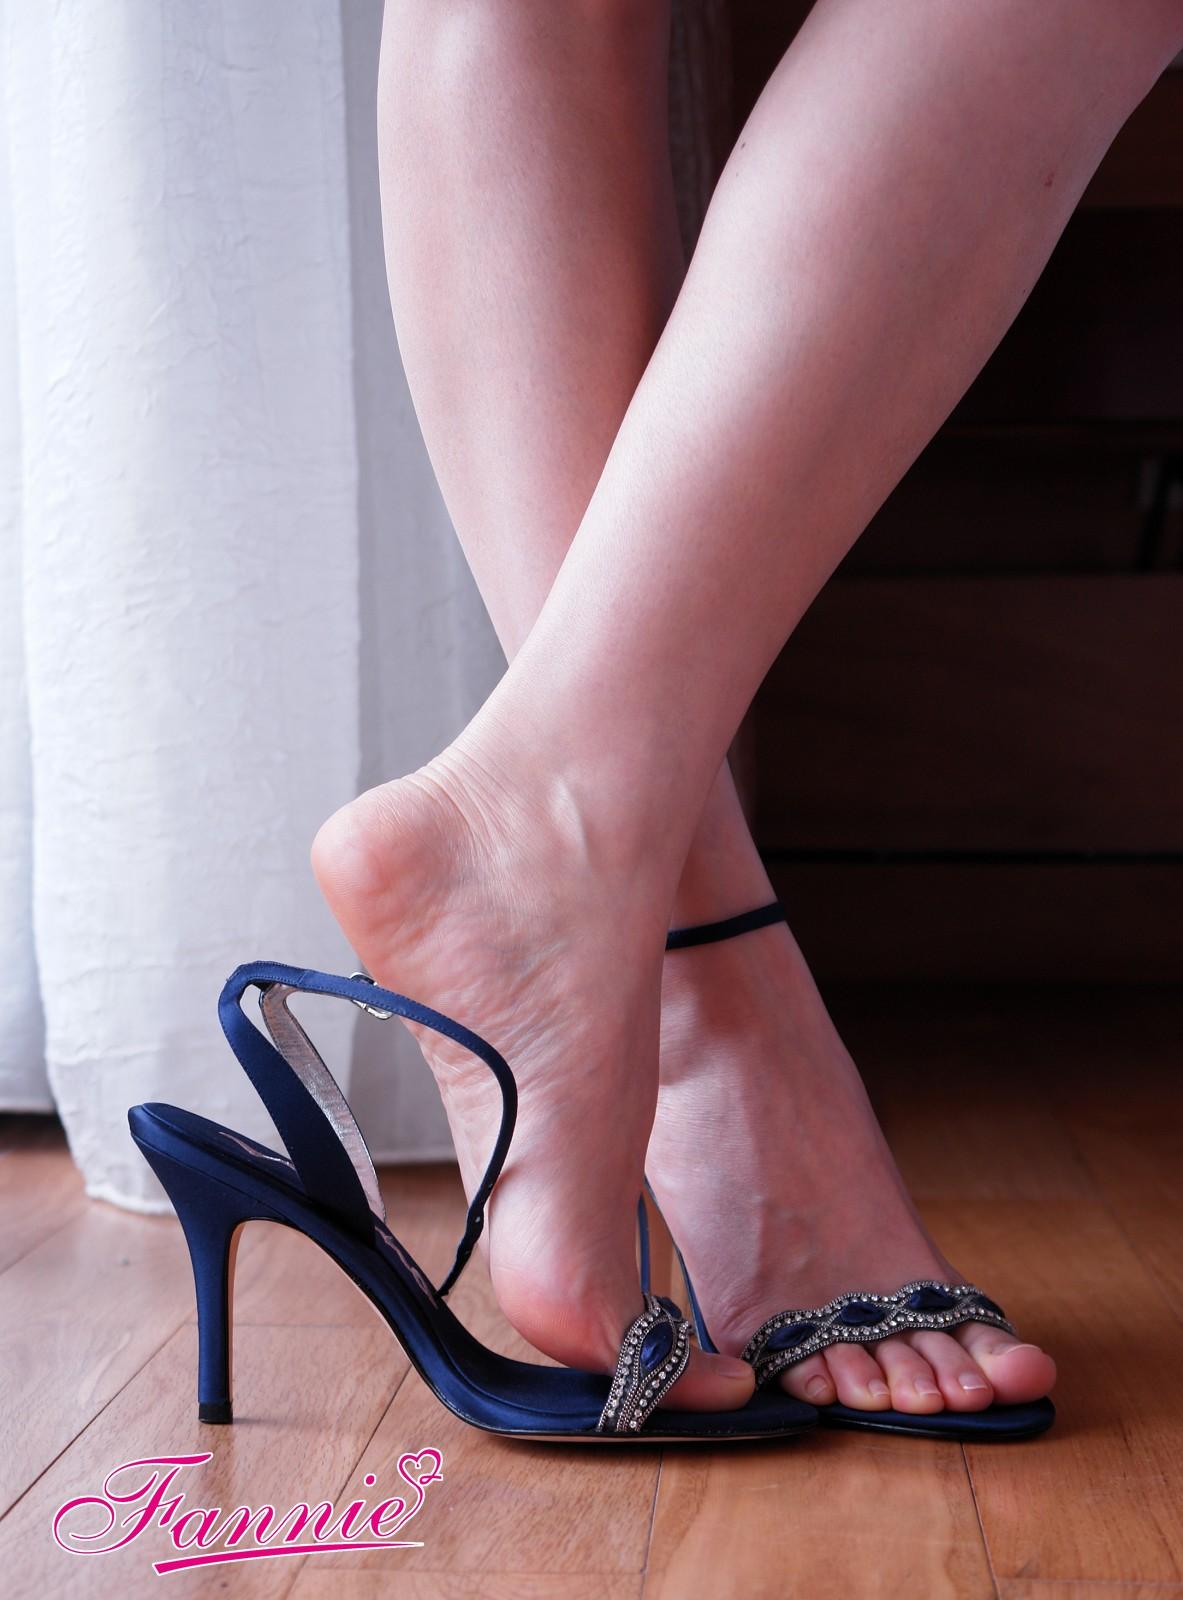 蓝色妖姬 - 爱老婆玉足 - 美女玉足园博客